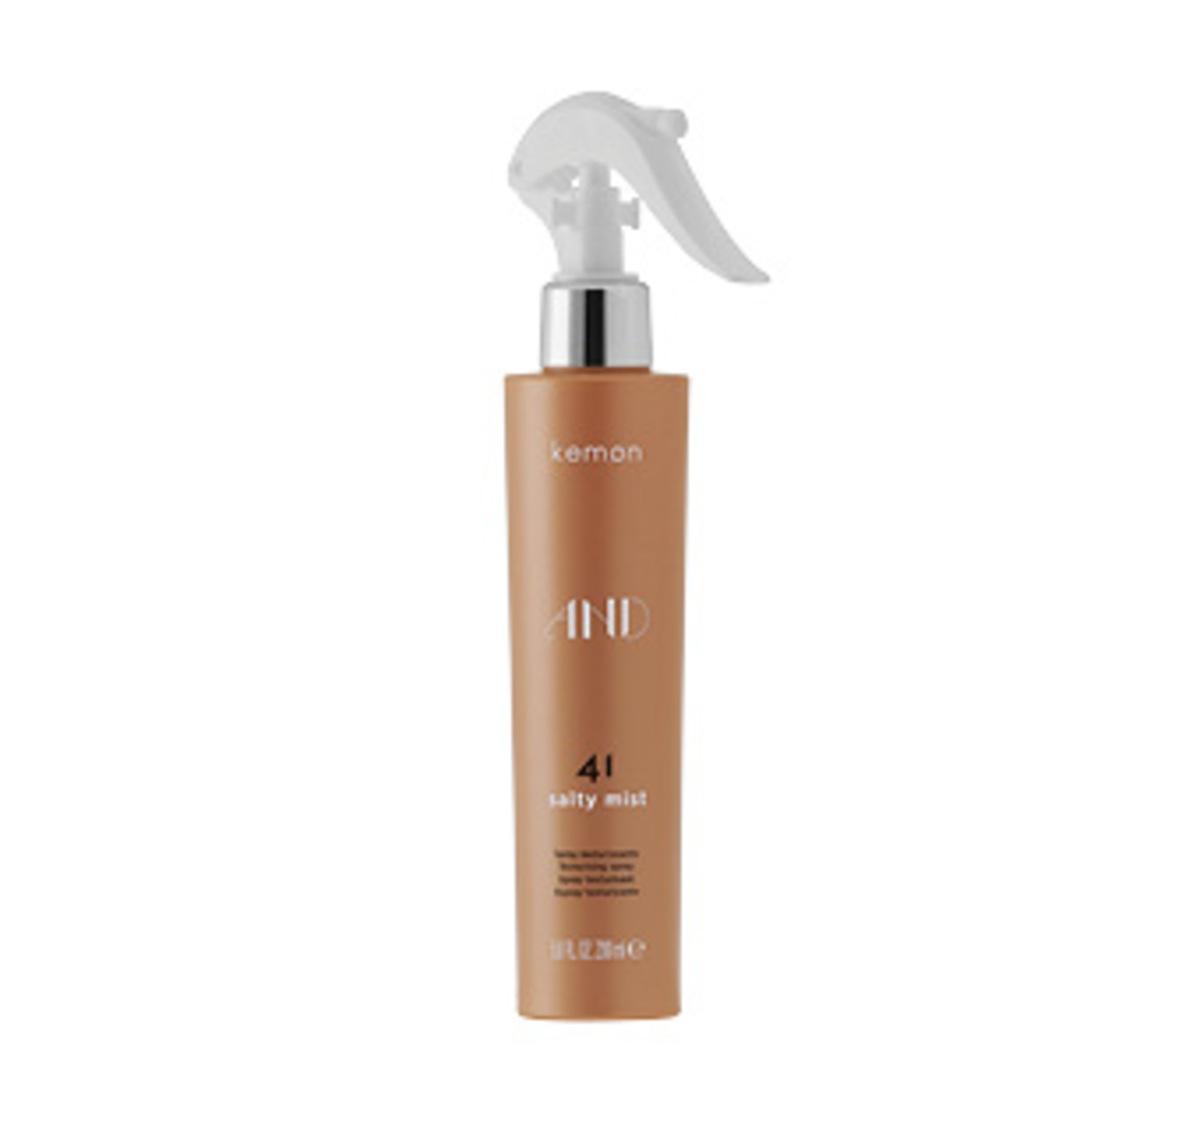 AND Salty Mist 41 200 ML spray texturizante cabello rizado